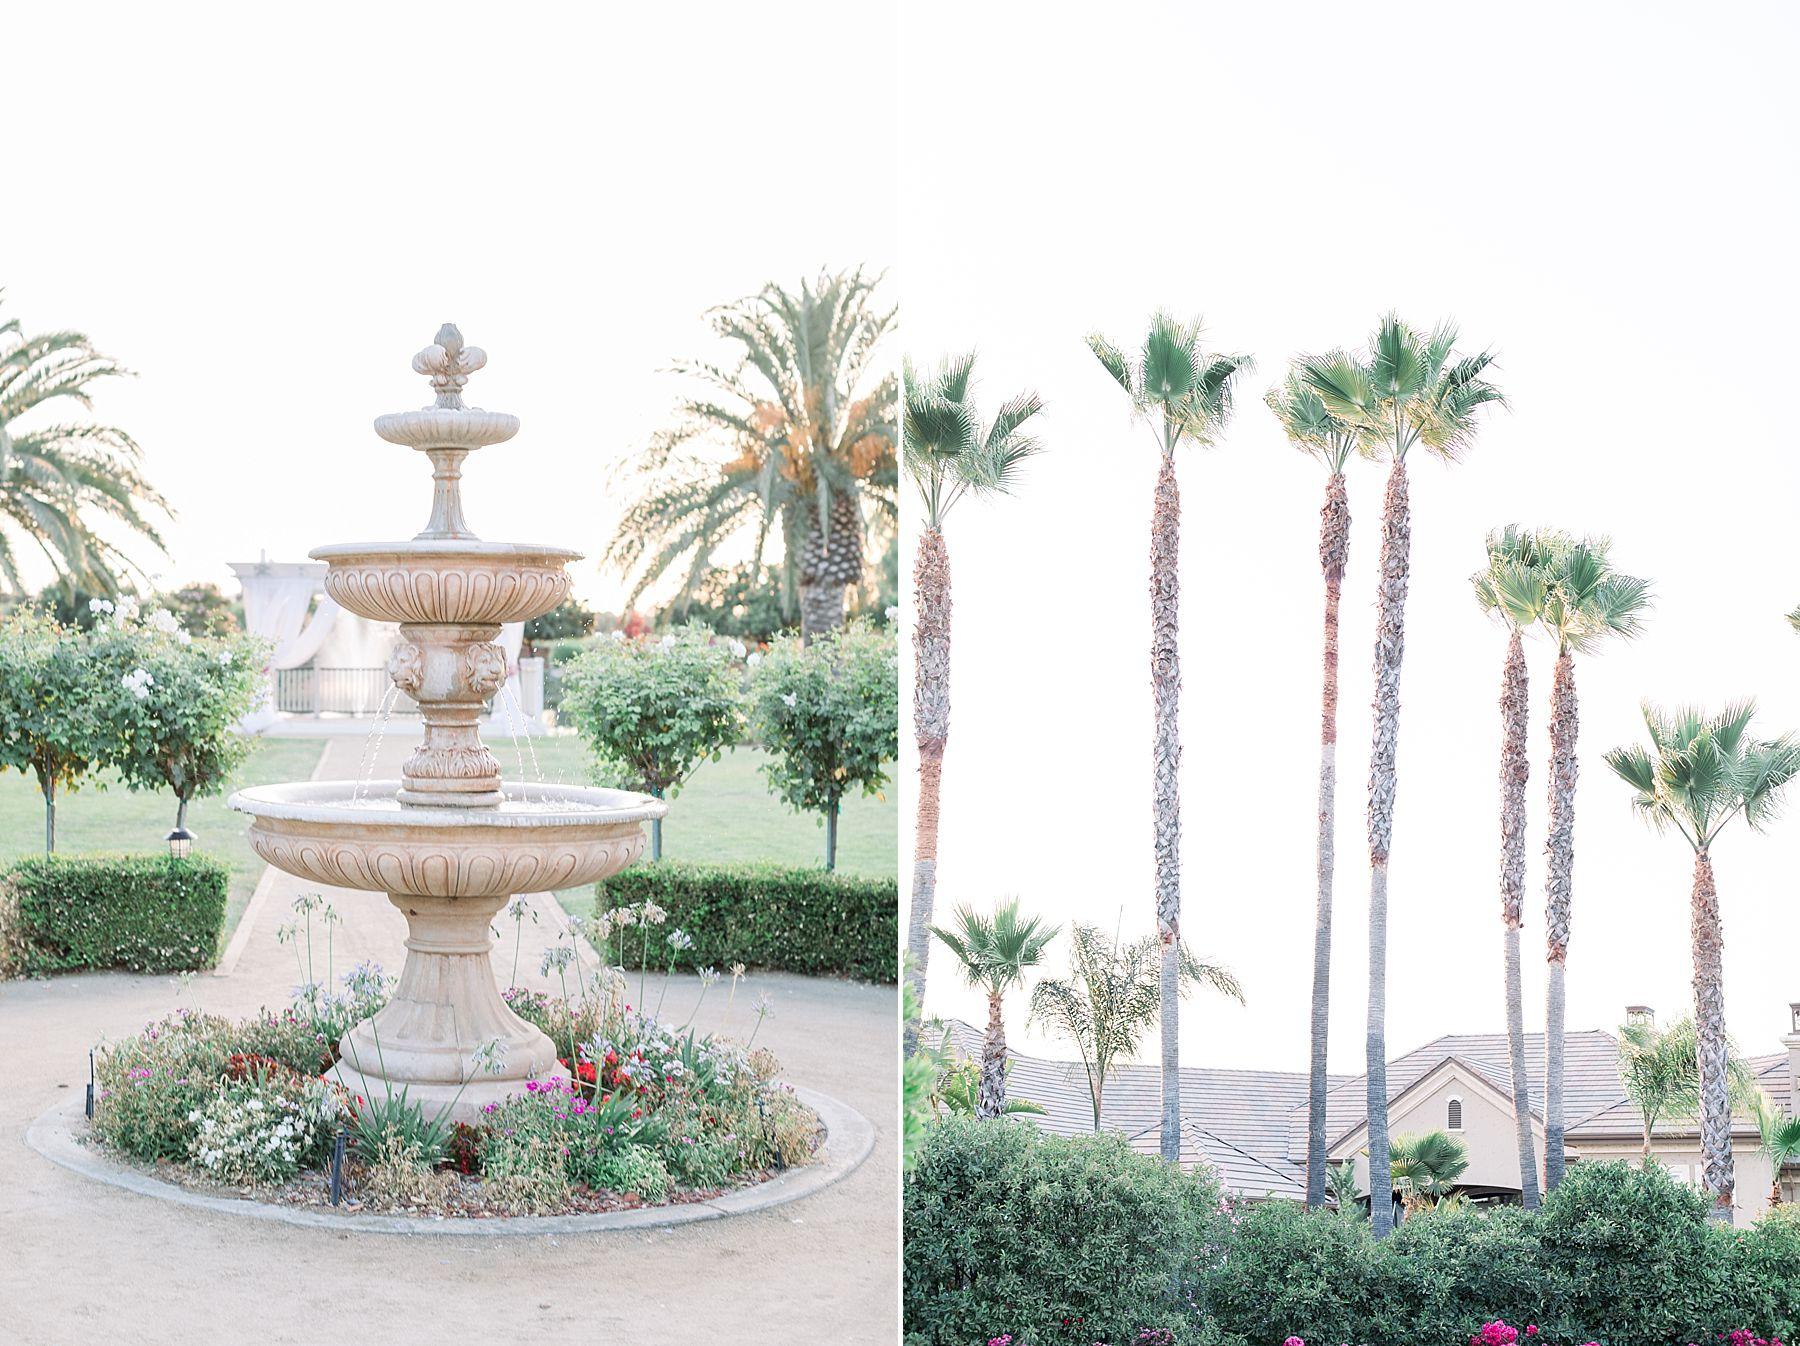 Newberry Estate Vineyards Wedding - Ashley Baumgartner - Jasmine and Johhny - Bay Area Wedding Photographer - Sacramento Wedding Photographer_0031.jpg